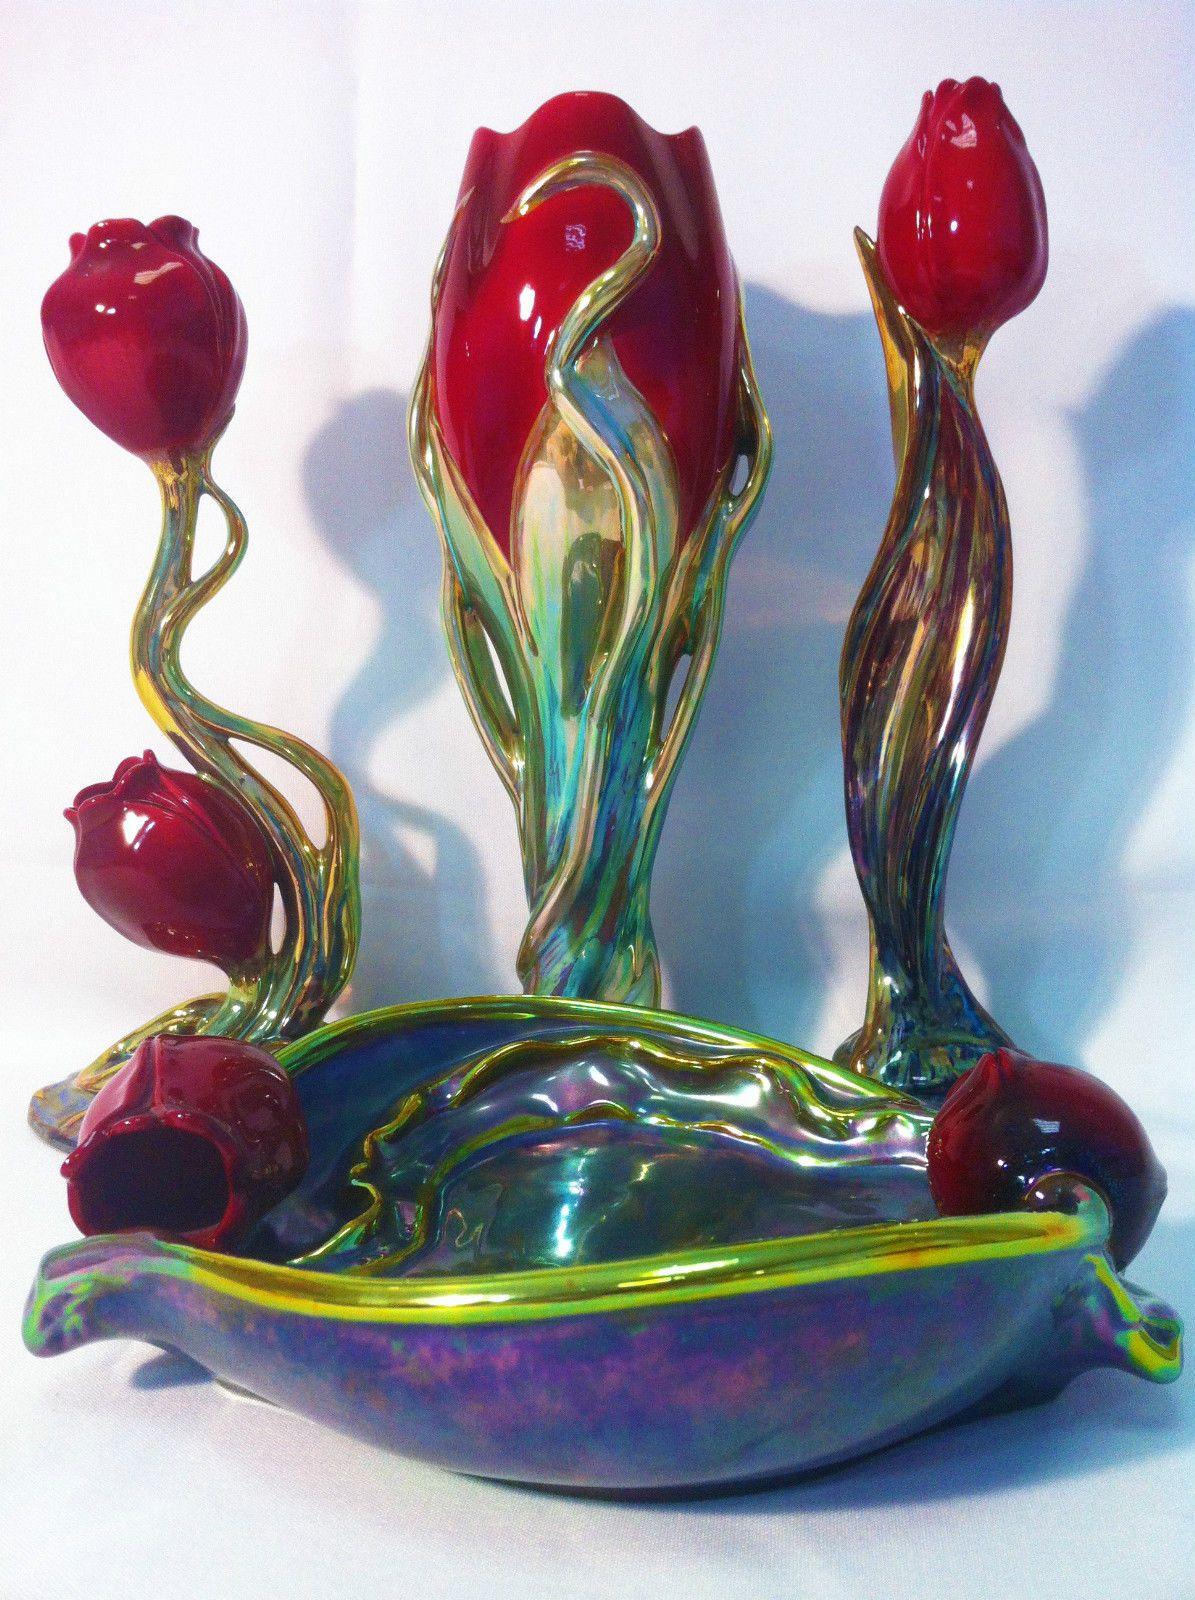 Zsolnay Iridescent Eosin Small Frog Figurine Unique Color